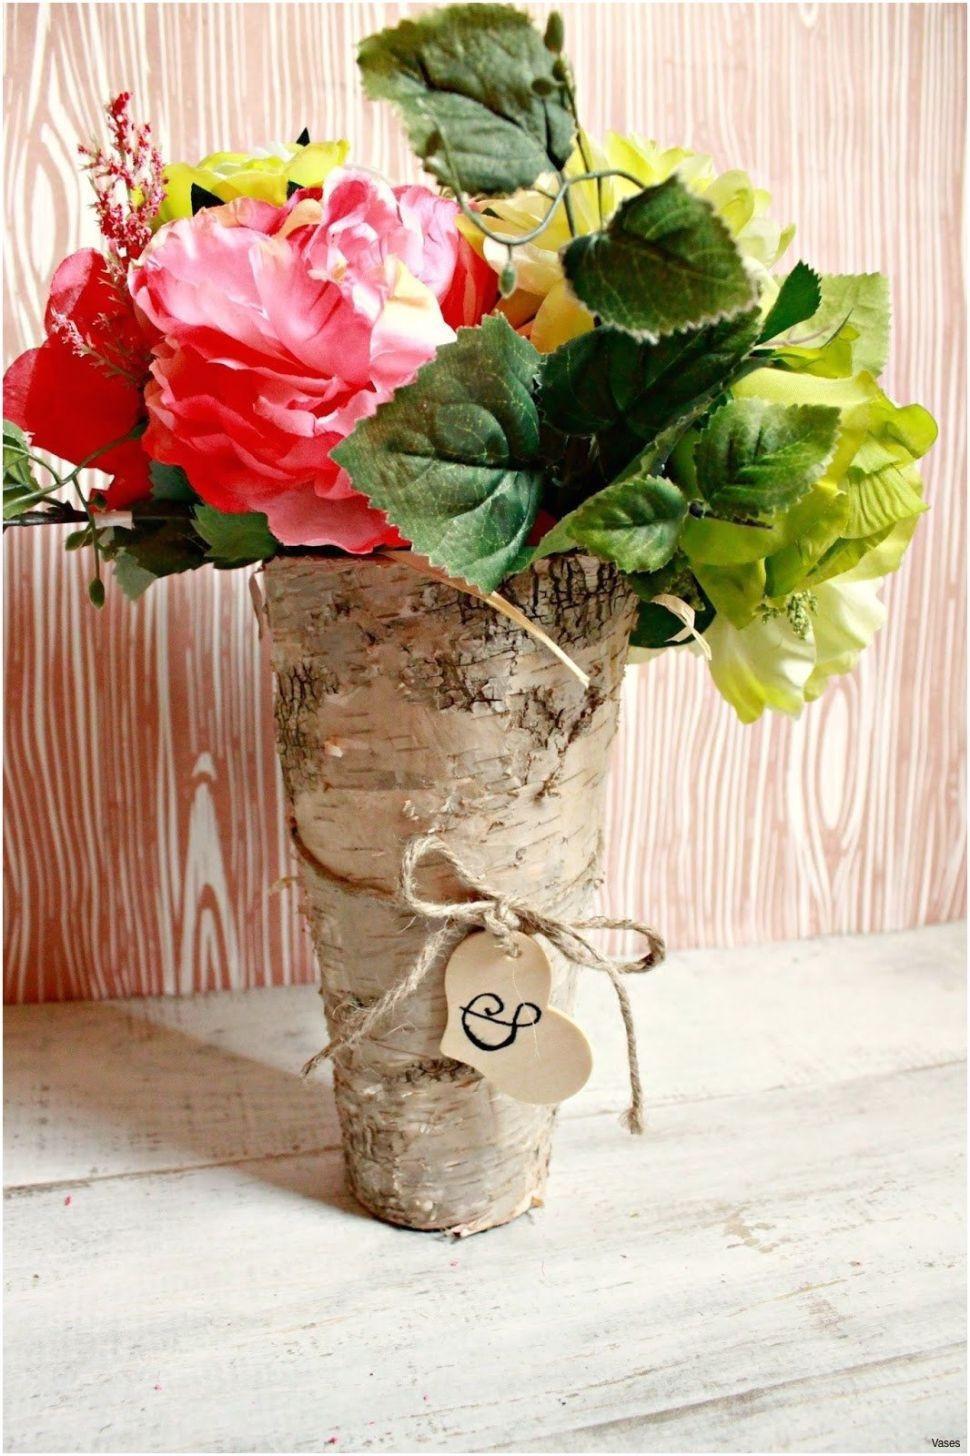 lead crystal bud vase of diy centerpiece ideas luxury jar flower 1h vases bud wedding vase within diy centerpiece ideas luxury jar flower 1h vases bud wedding vase centerpiece idea i 0d design economyinnbeebe com